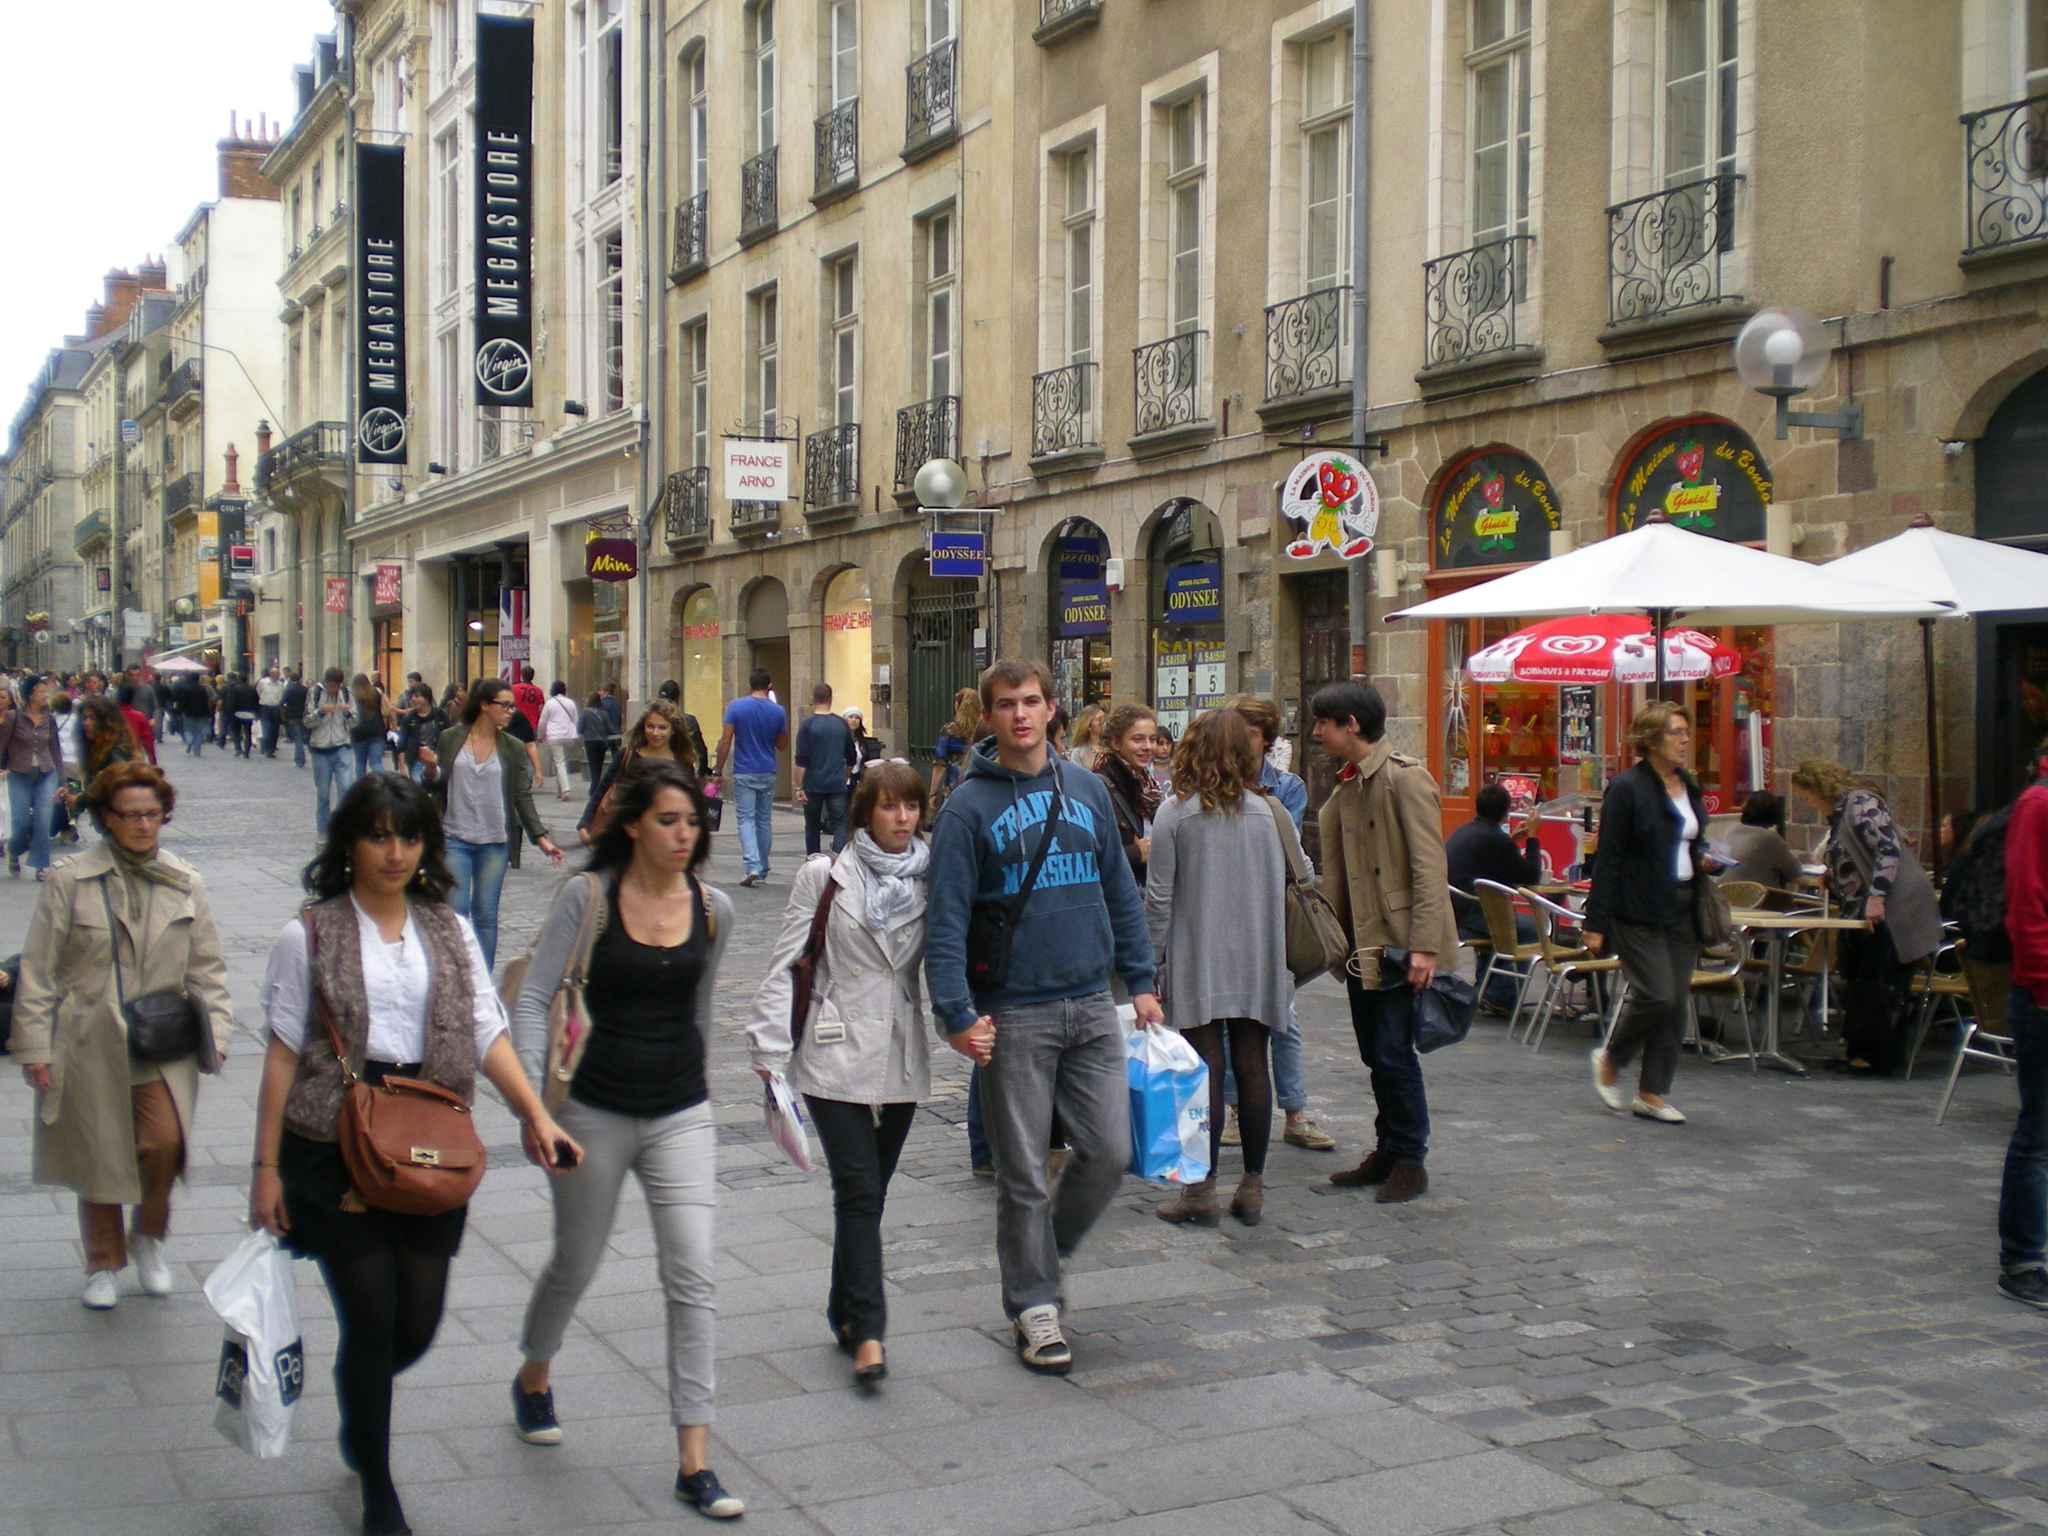 Rennes Les magasins pourront ouvrir cinq dimanches et jours fris par an